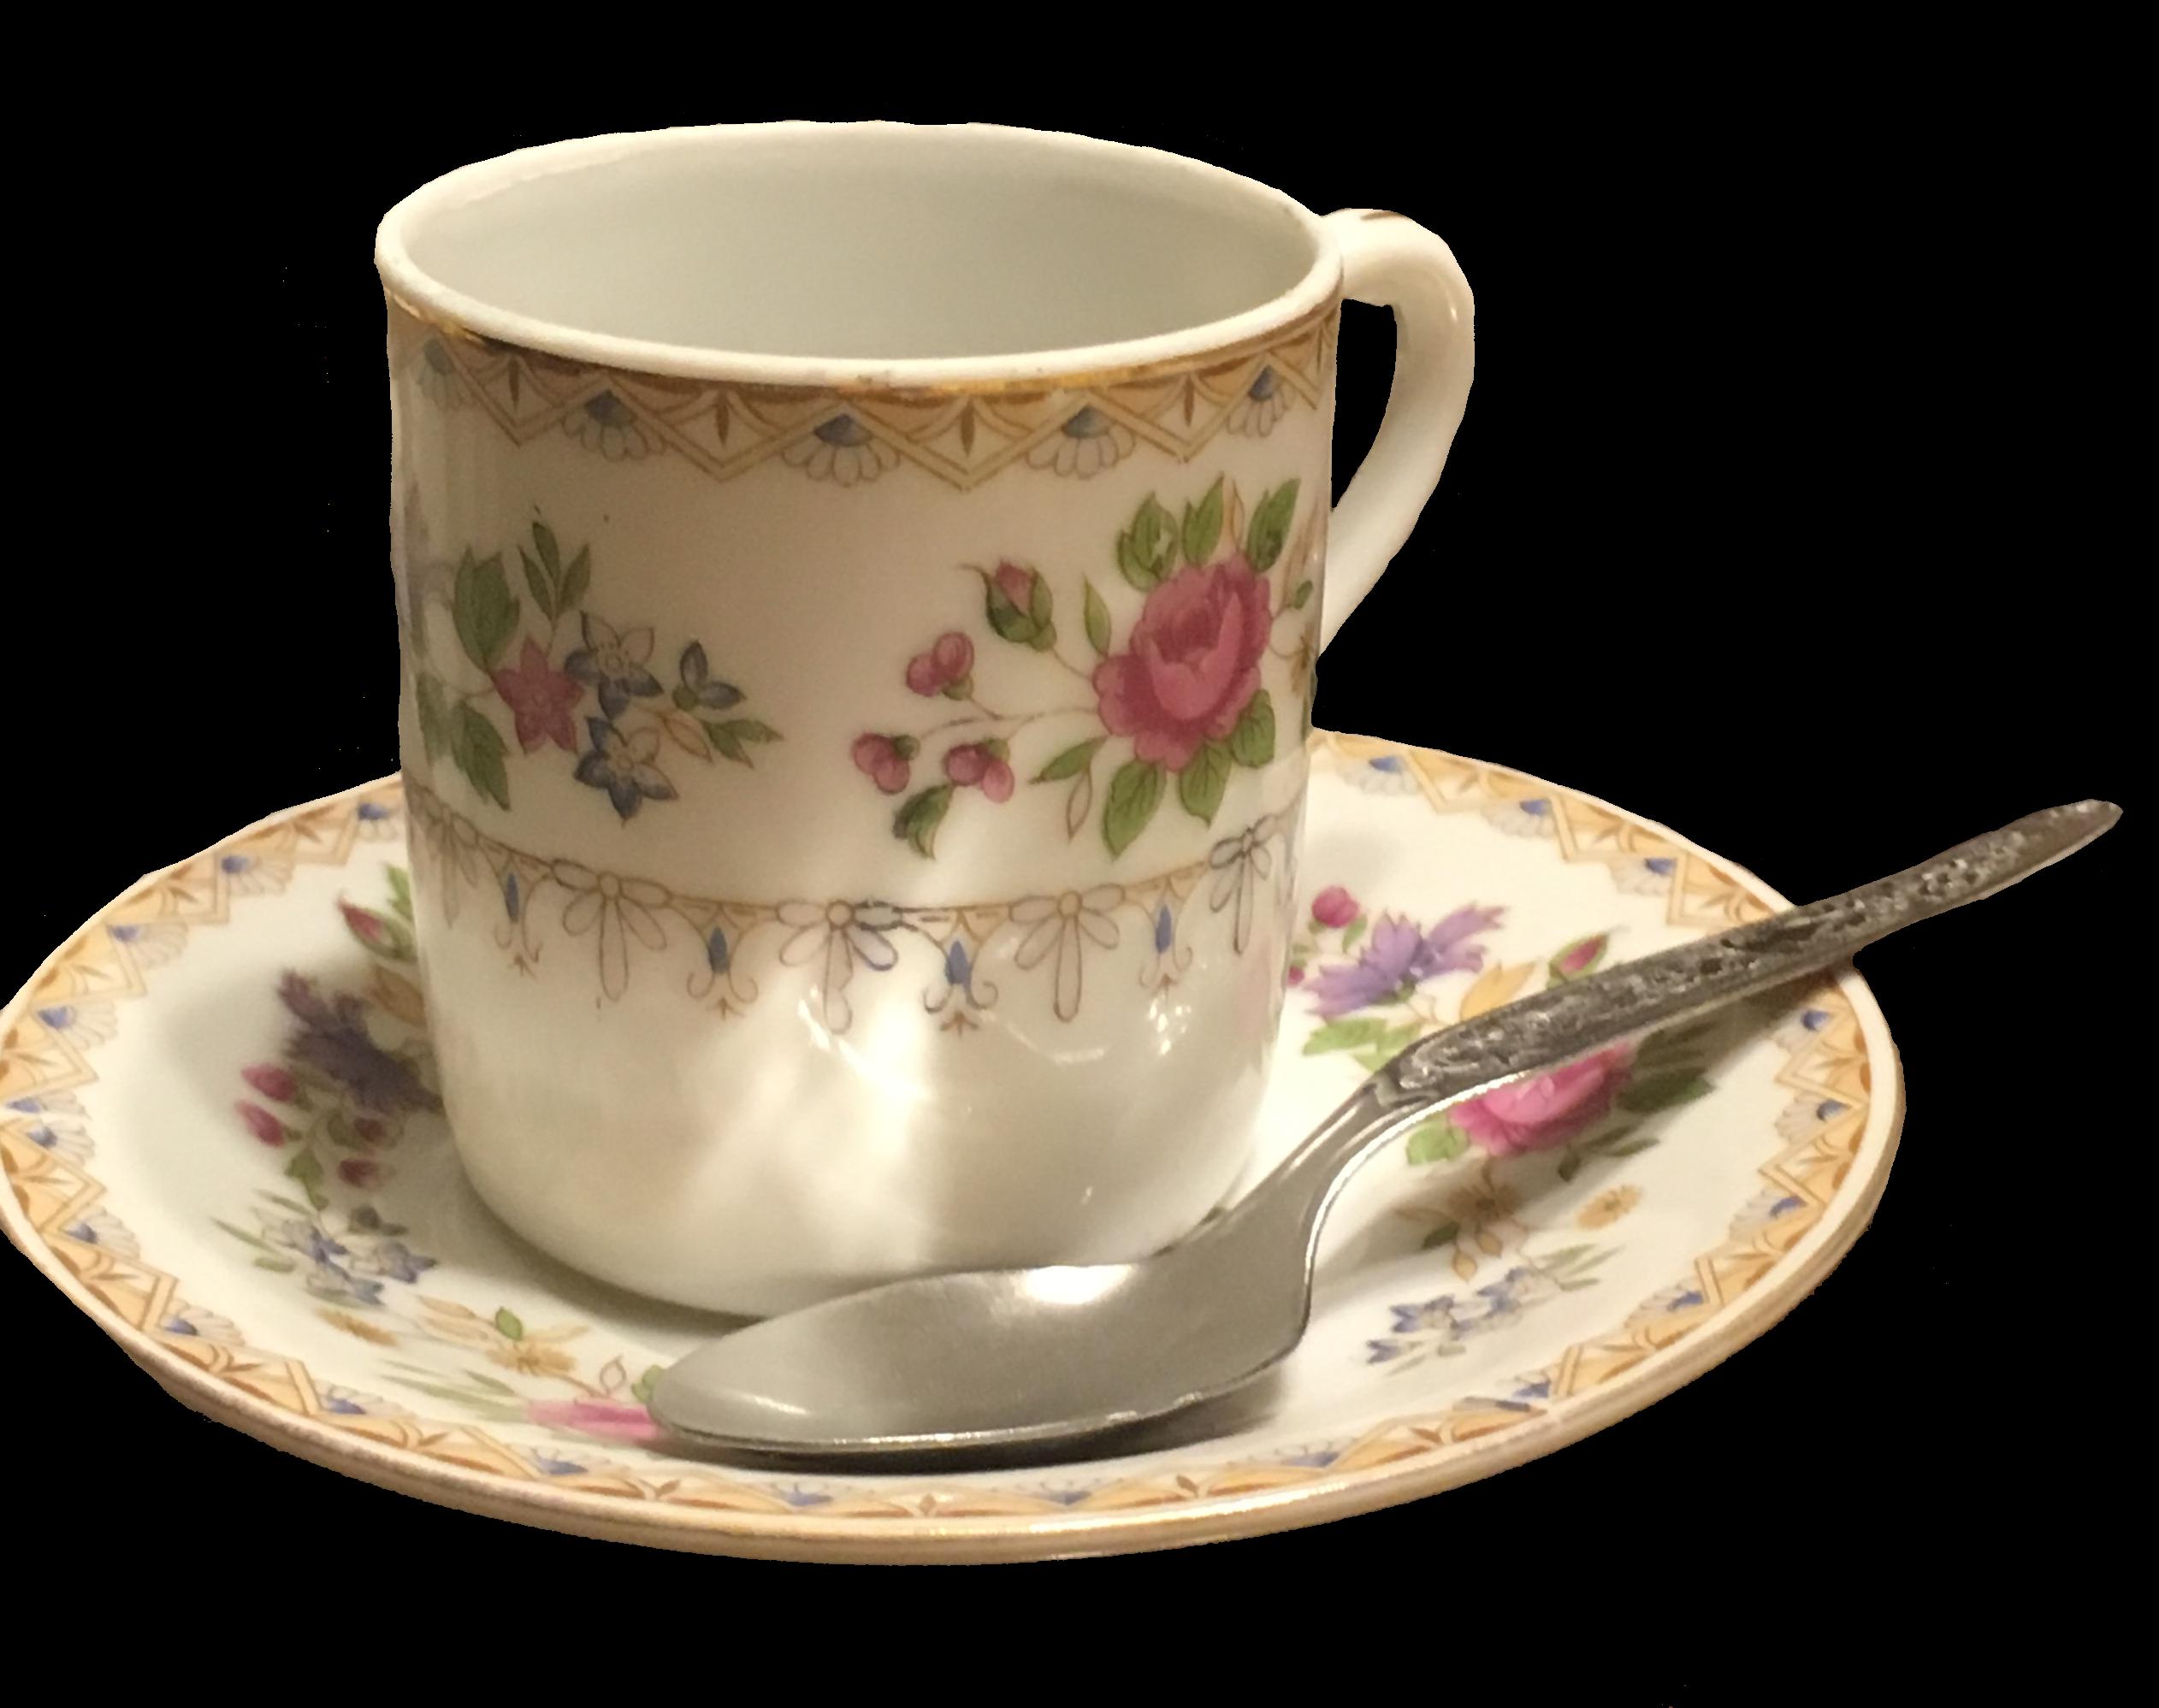 Sweetnspicegirl In 2020 Tea Cups Glassware Tableware